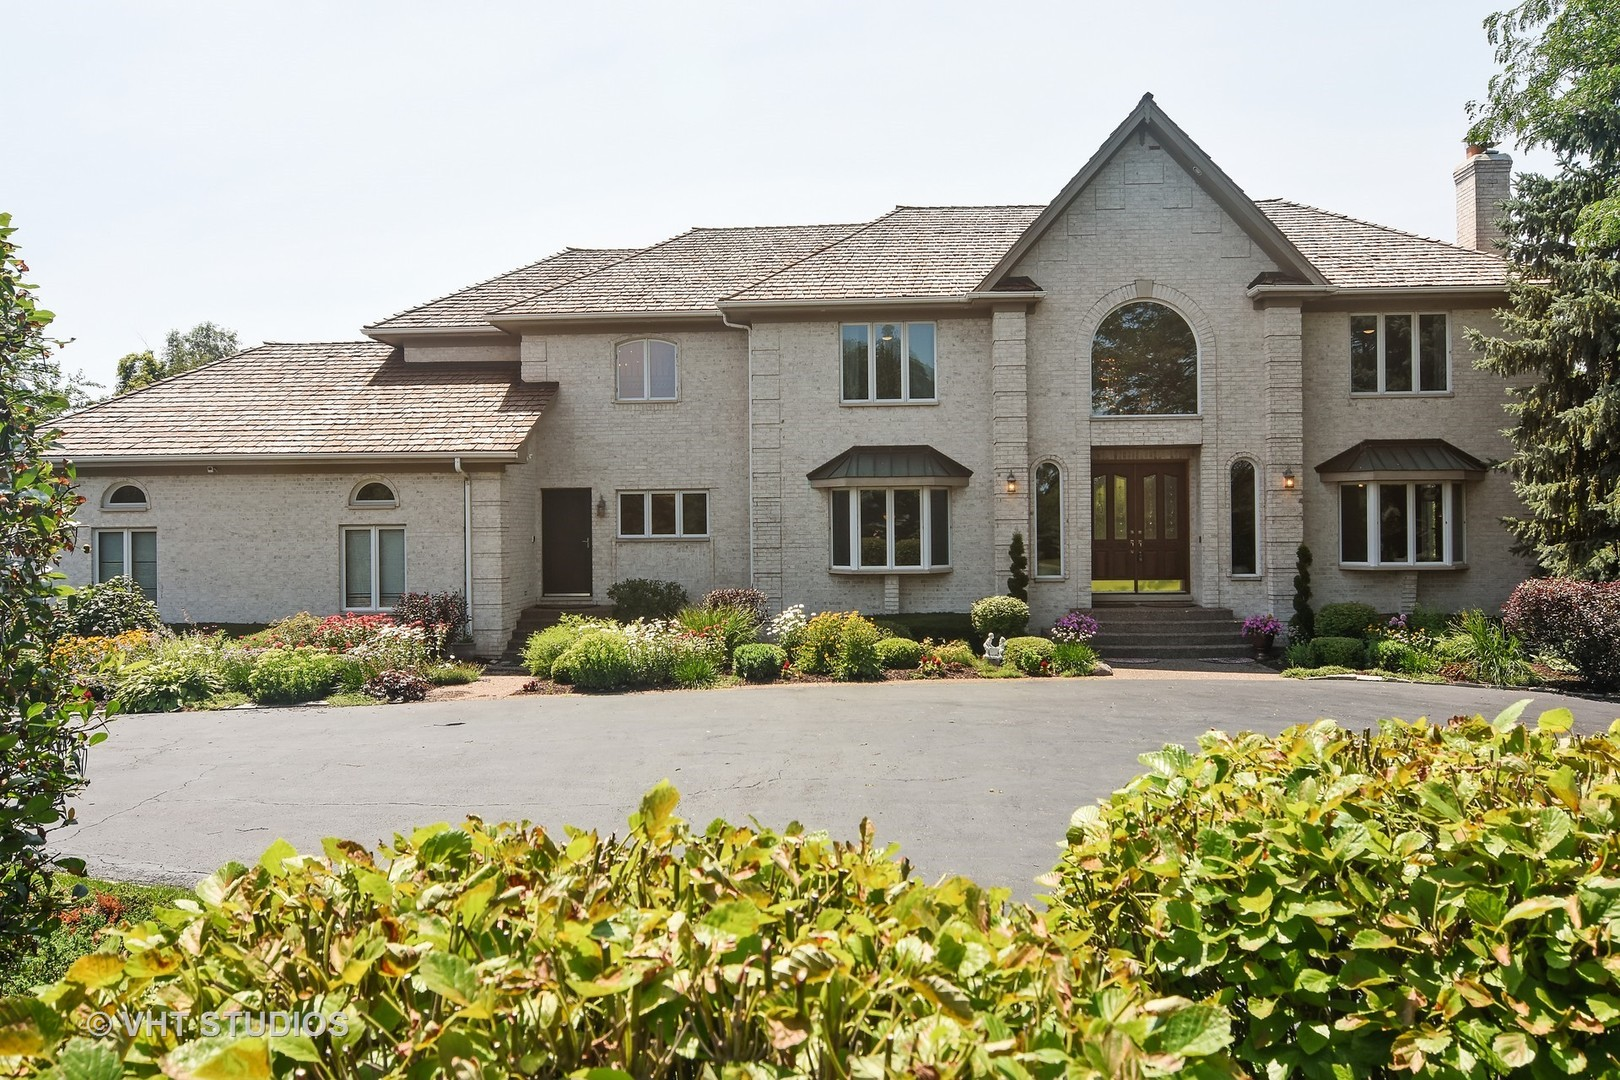 4551 Eleanor Drive, Long Grove IL 60047